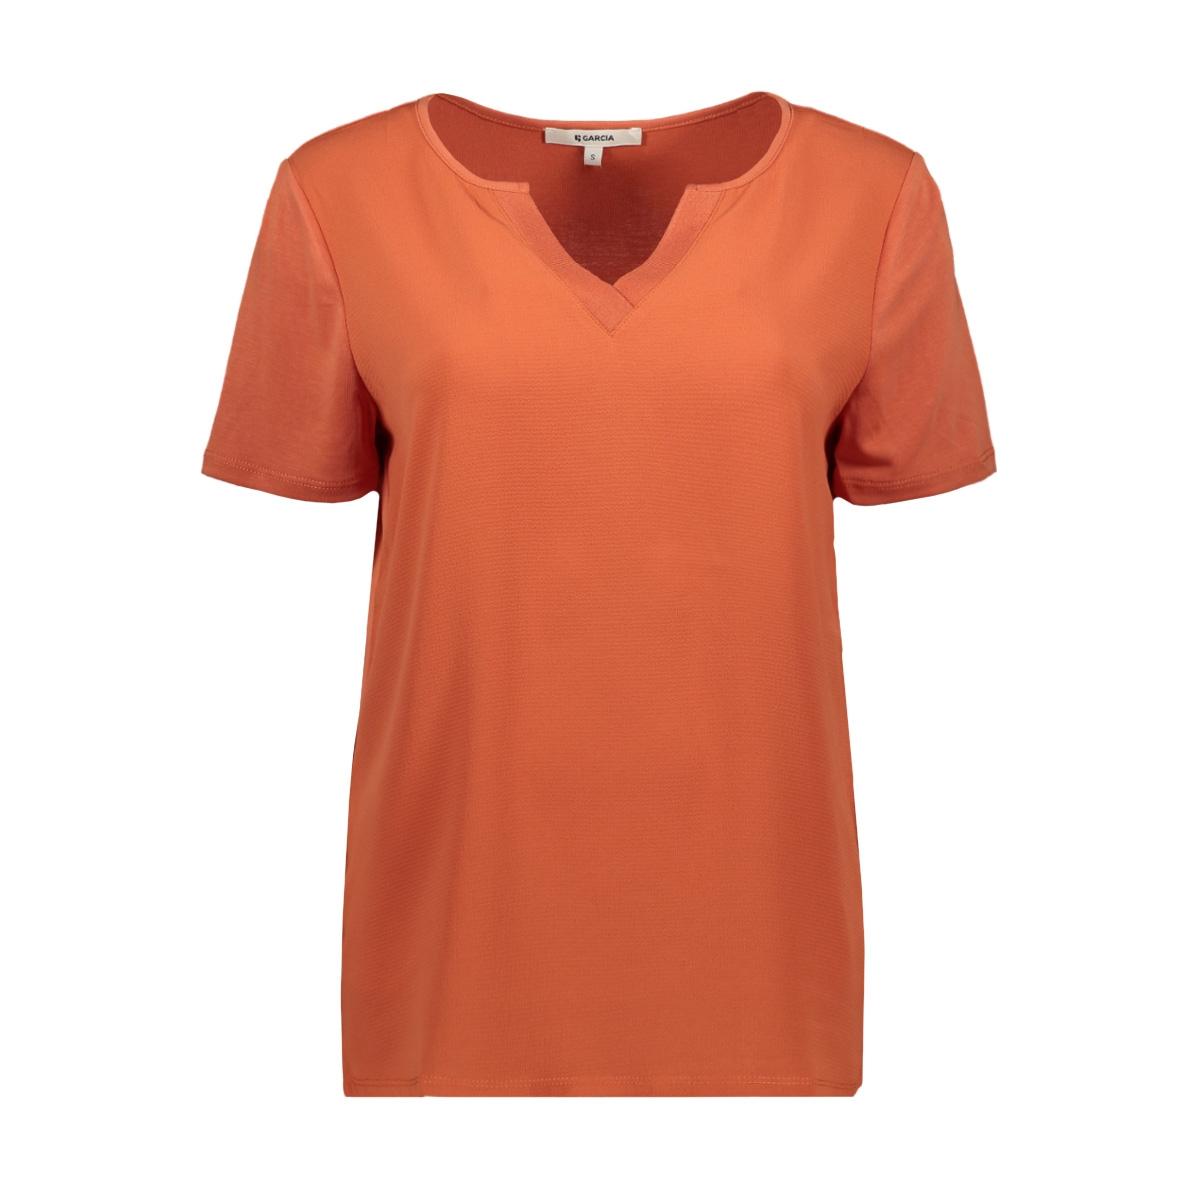 t shirt gs000102 garcia t-shirt 7612 burnt ochre